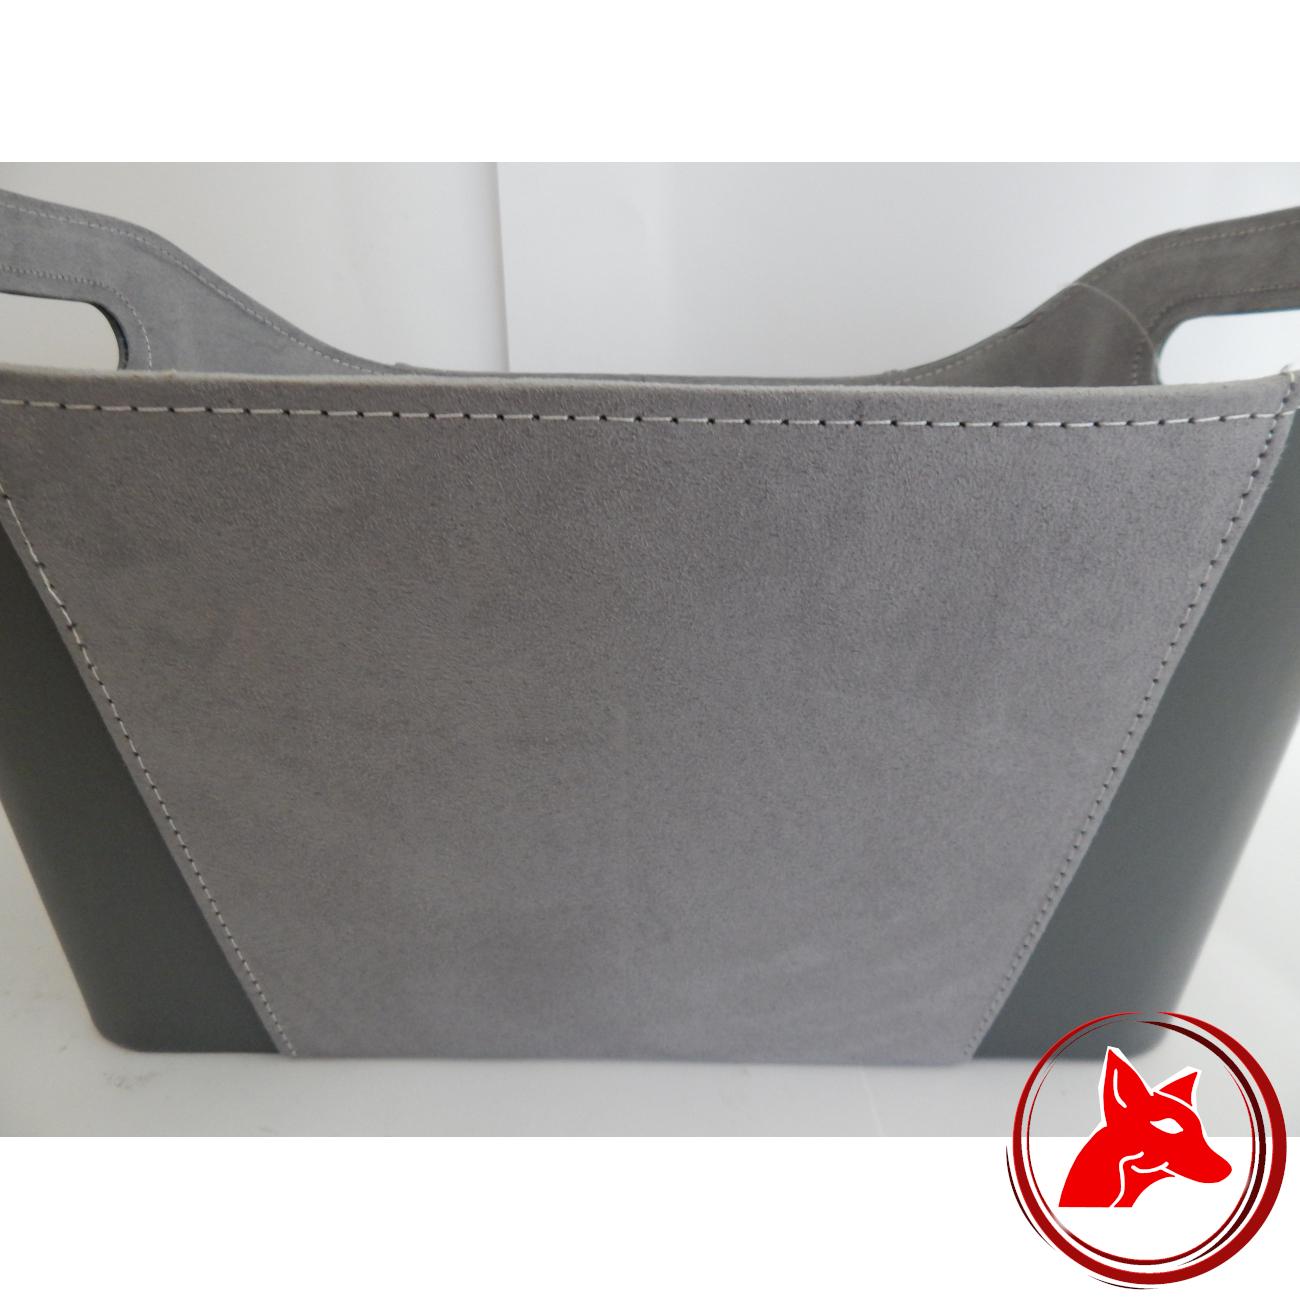 2 Griffe Termatech Holzkorb Grau aus imitierten Leder und Wildleder